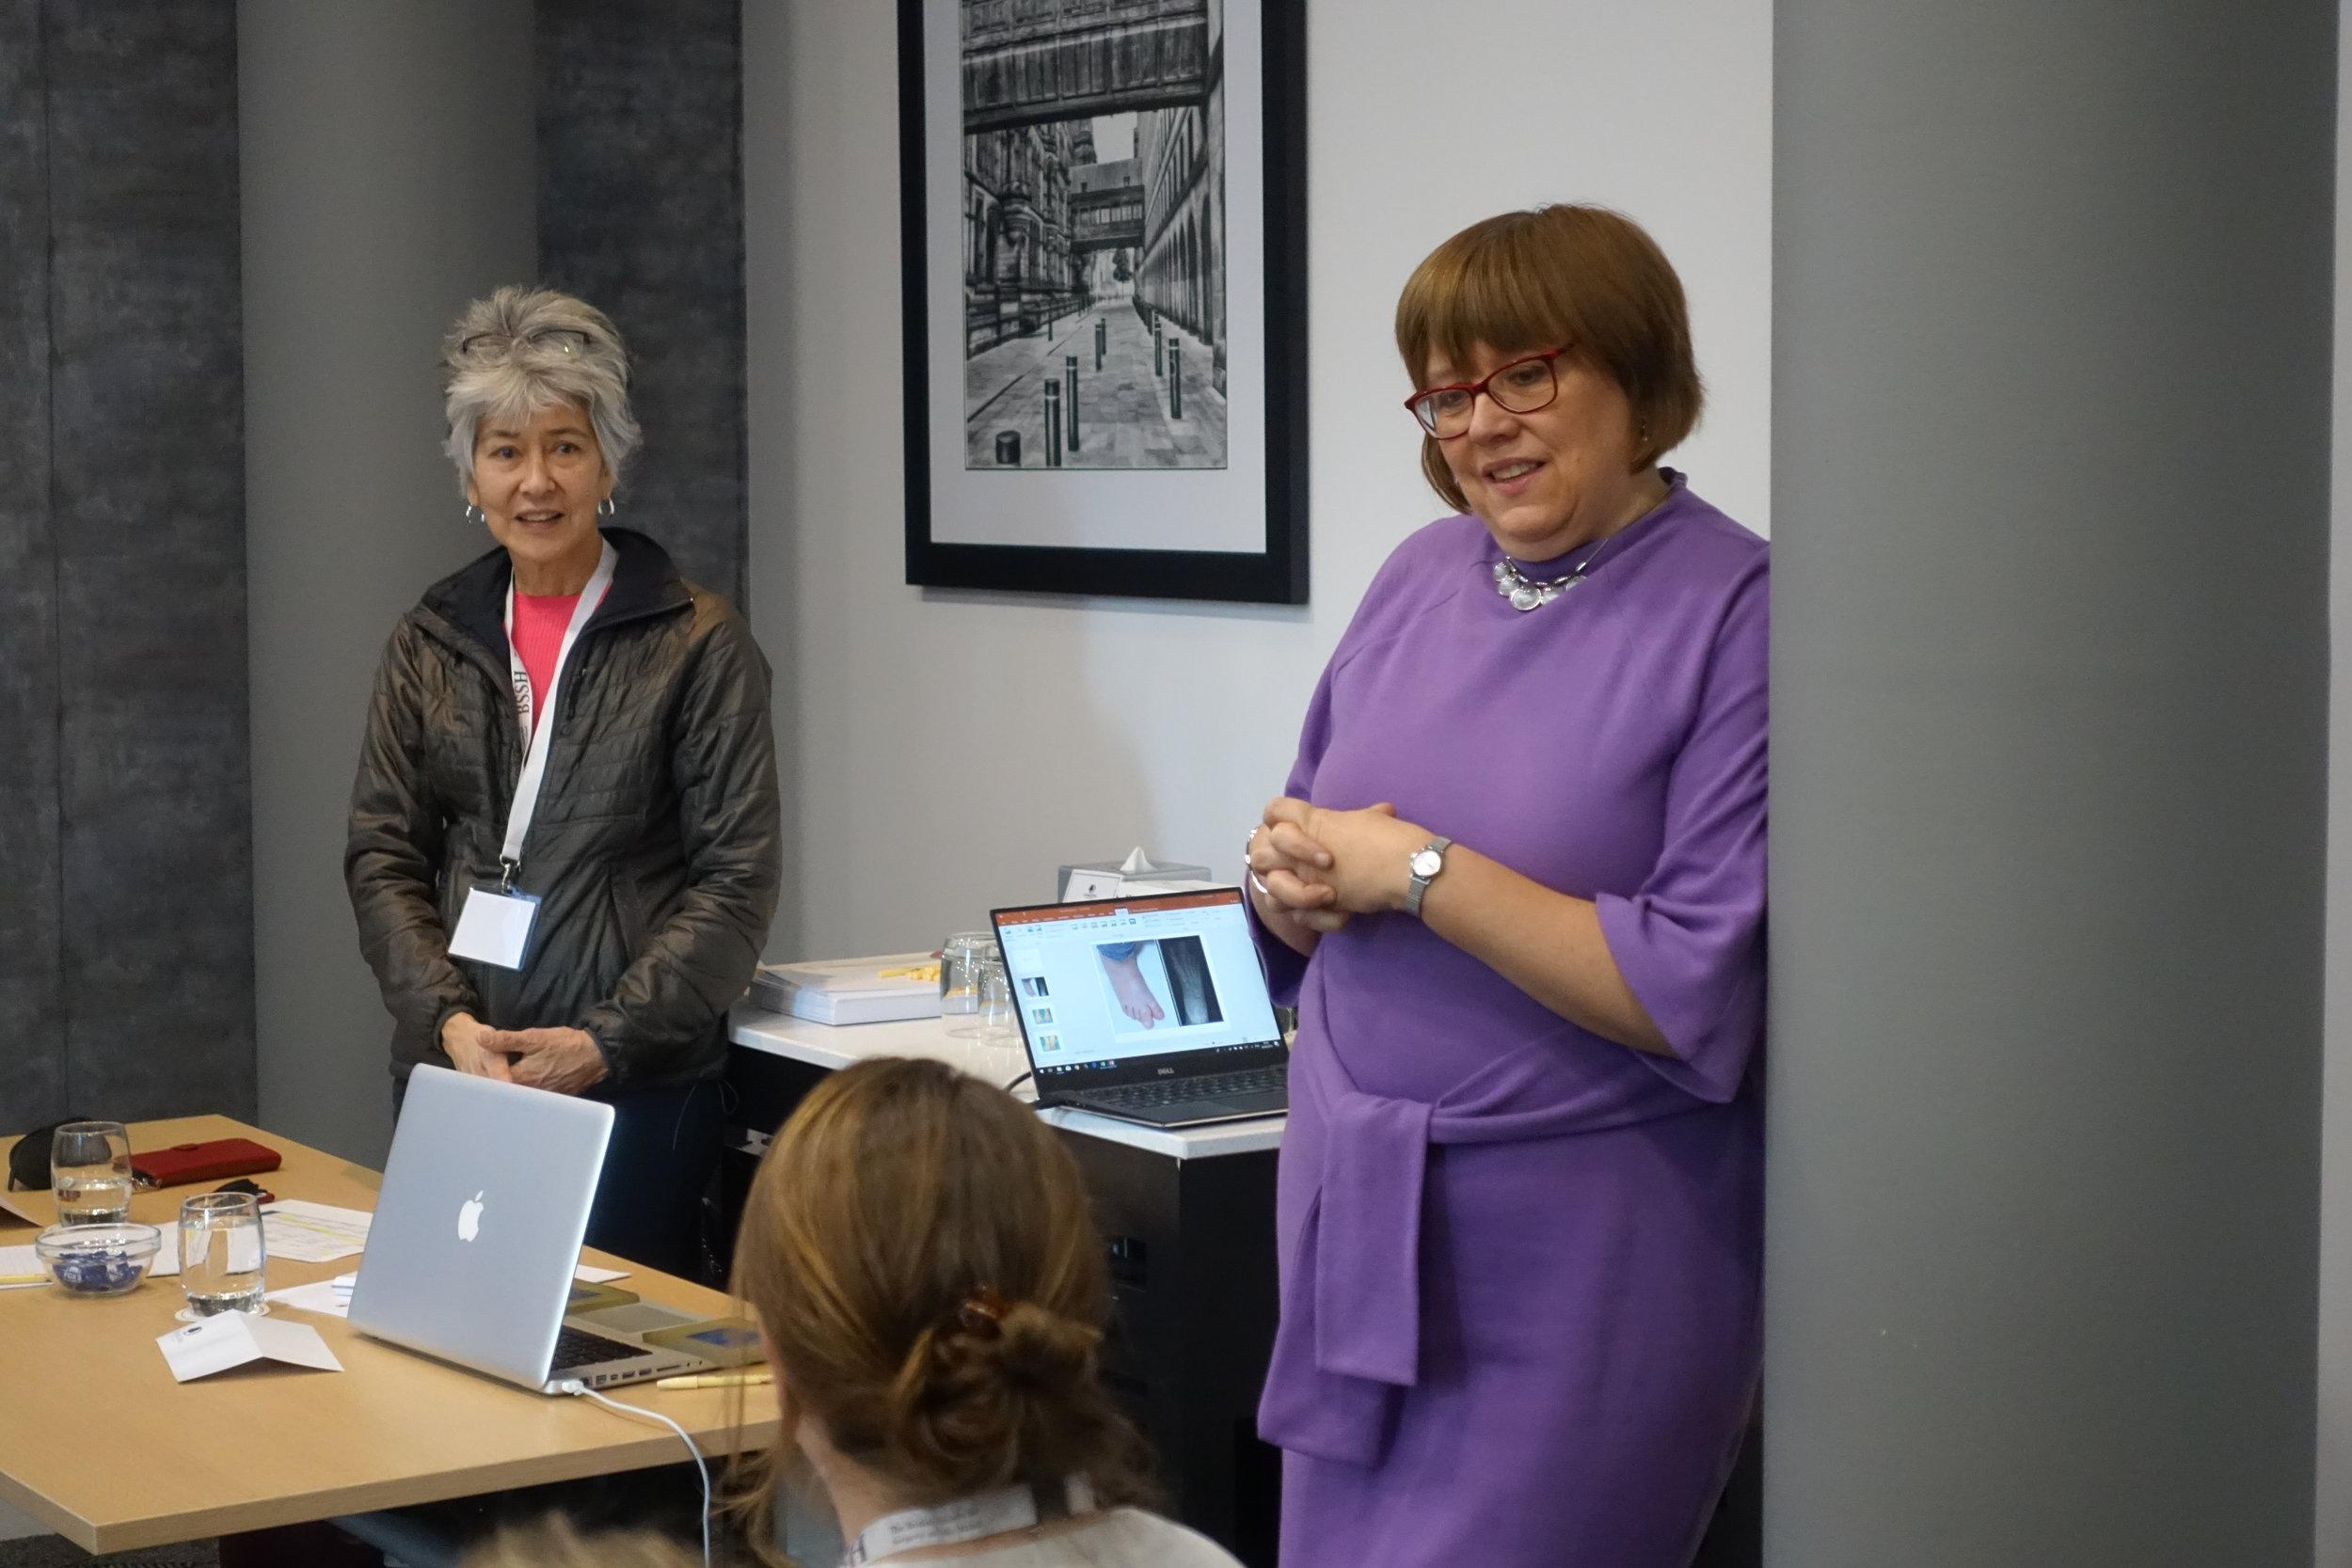 Dr Marybeth Ezaki and Miss Gill Smith